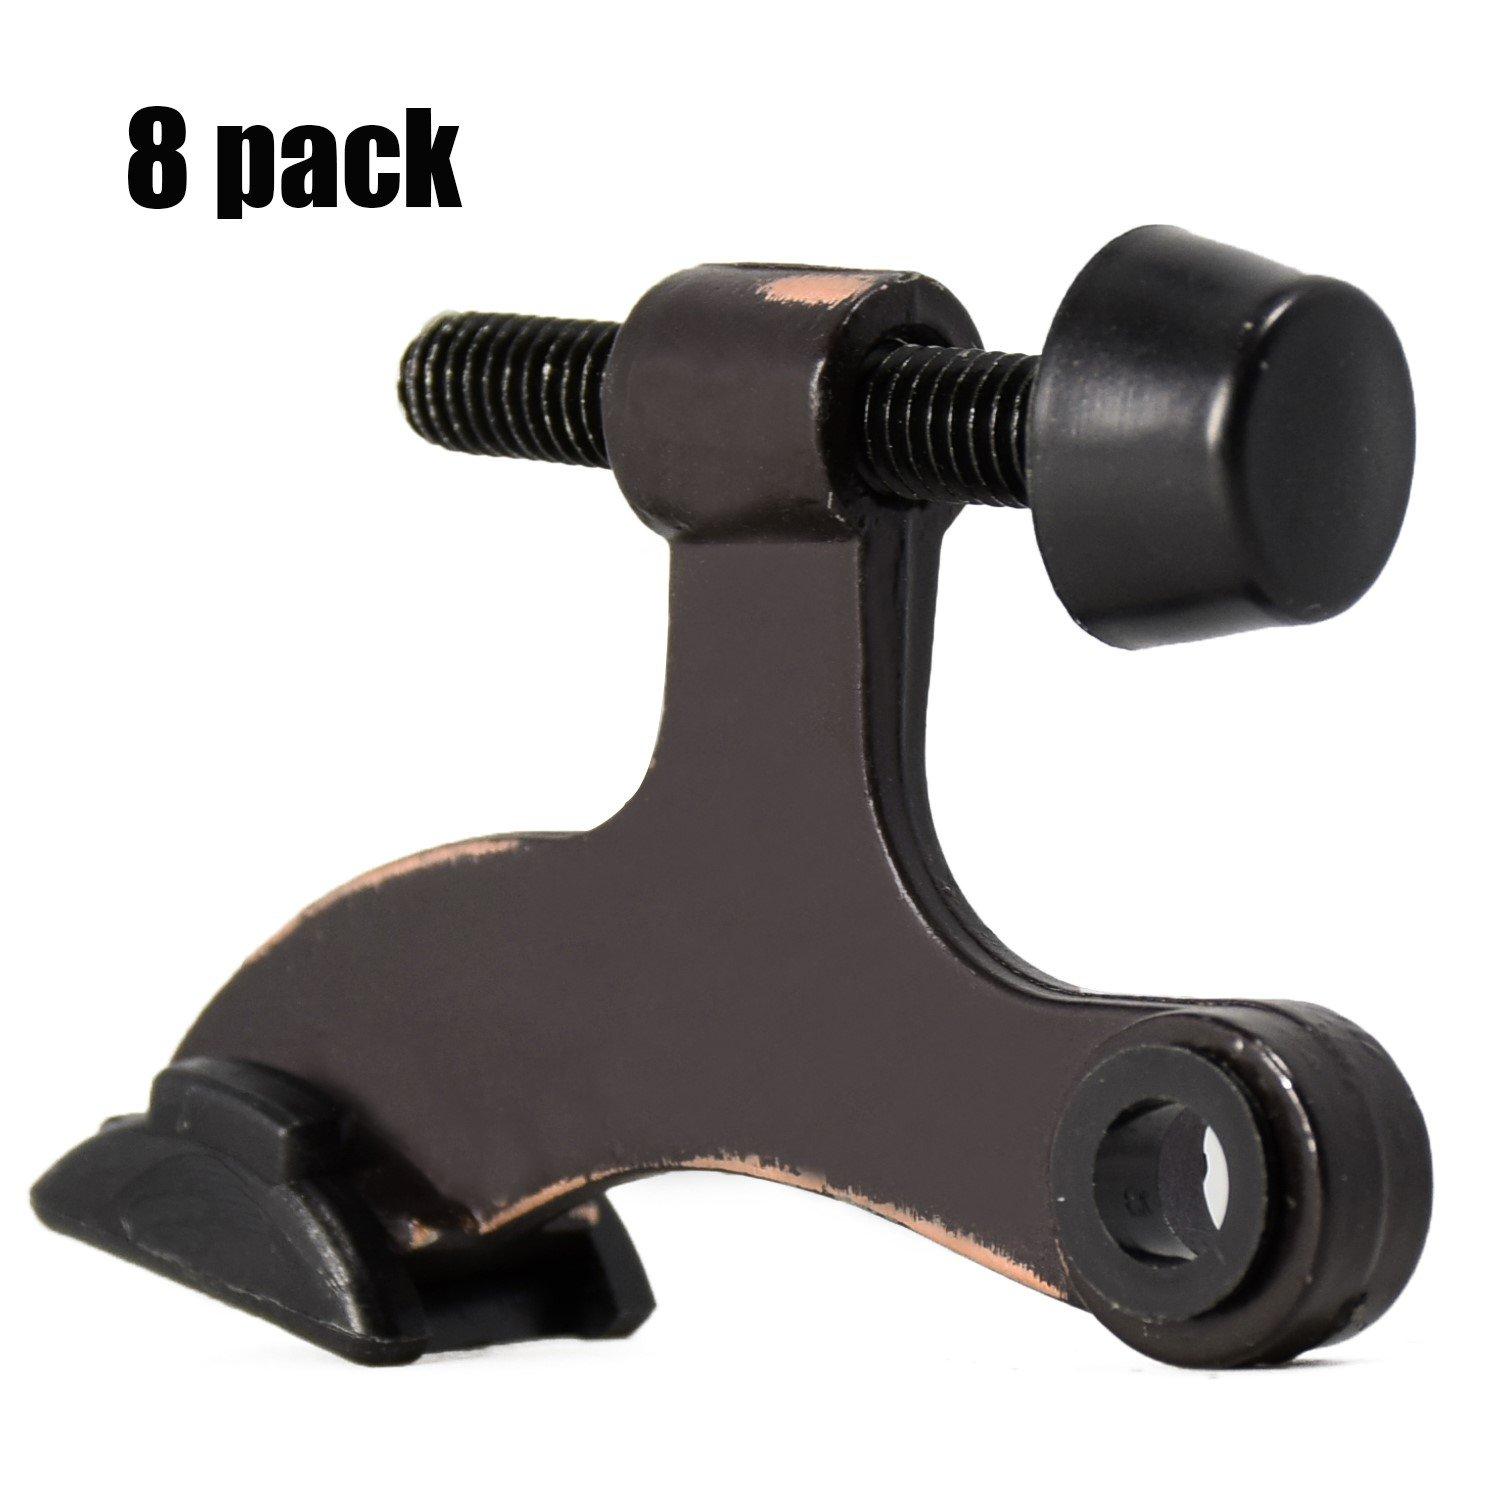 8 Pack Hinge Pin Oil Rubbed Bronze Door Stopper,Adjustable Deluxe Heavy  Duty Door Stopper